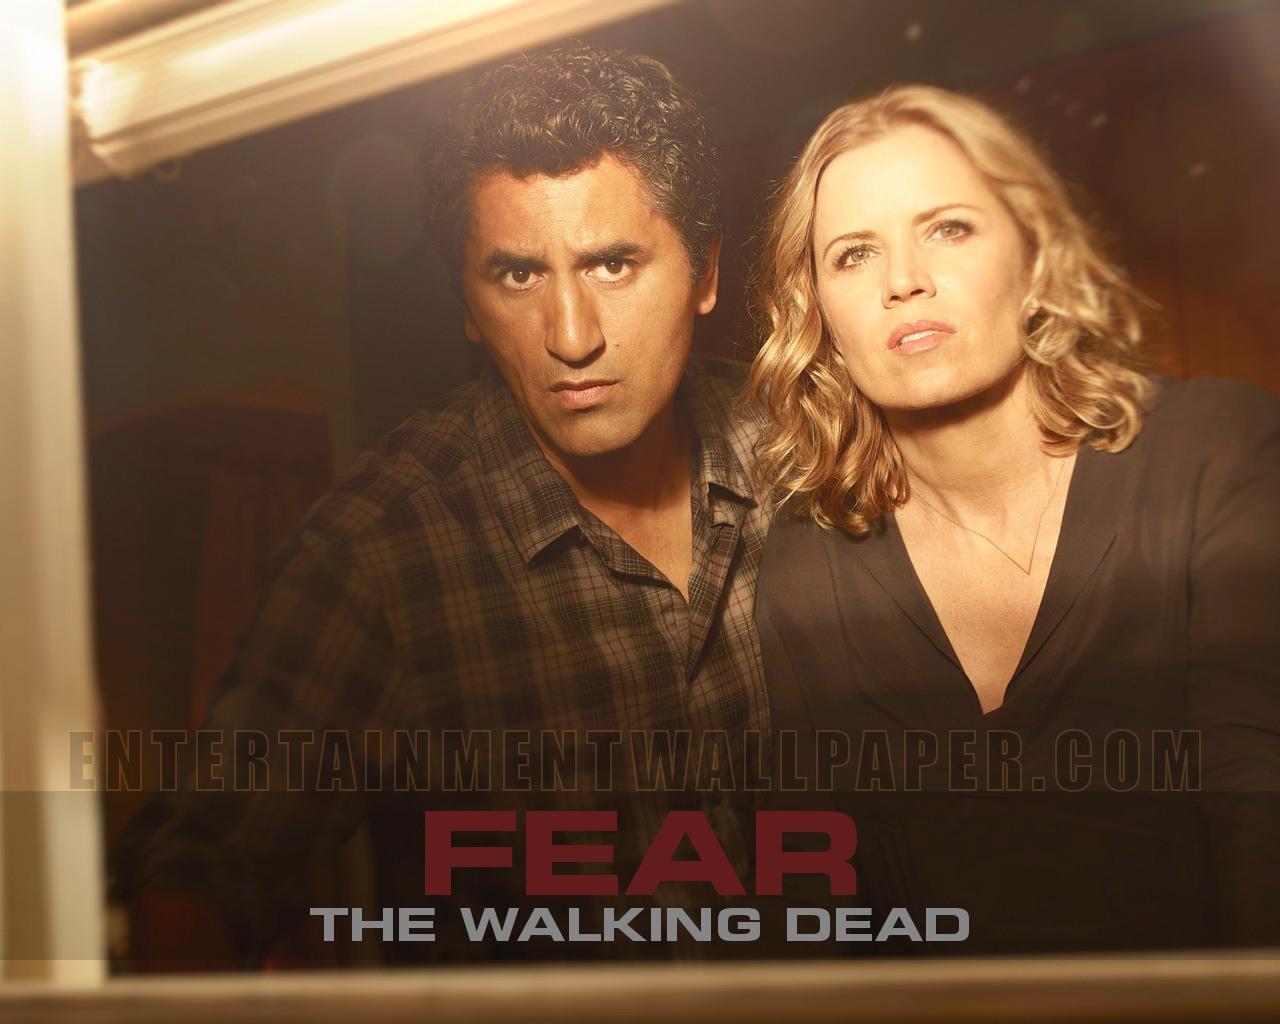 Download Fear The Walking Dead Wallpaper 20046544 1280x1024